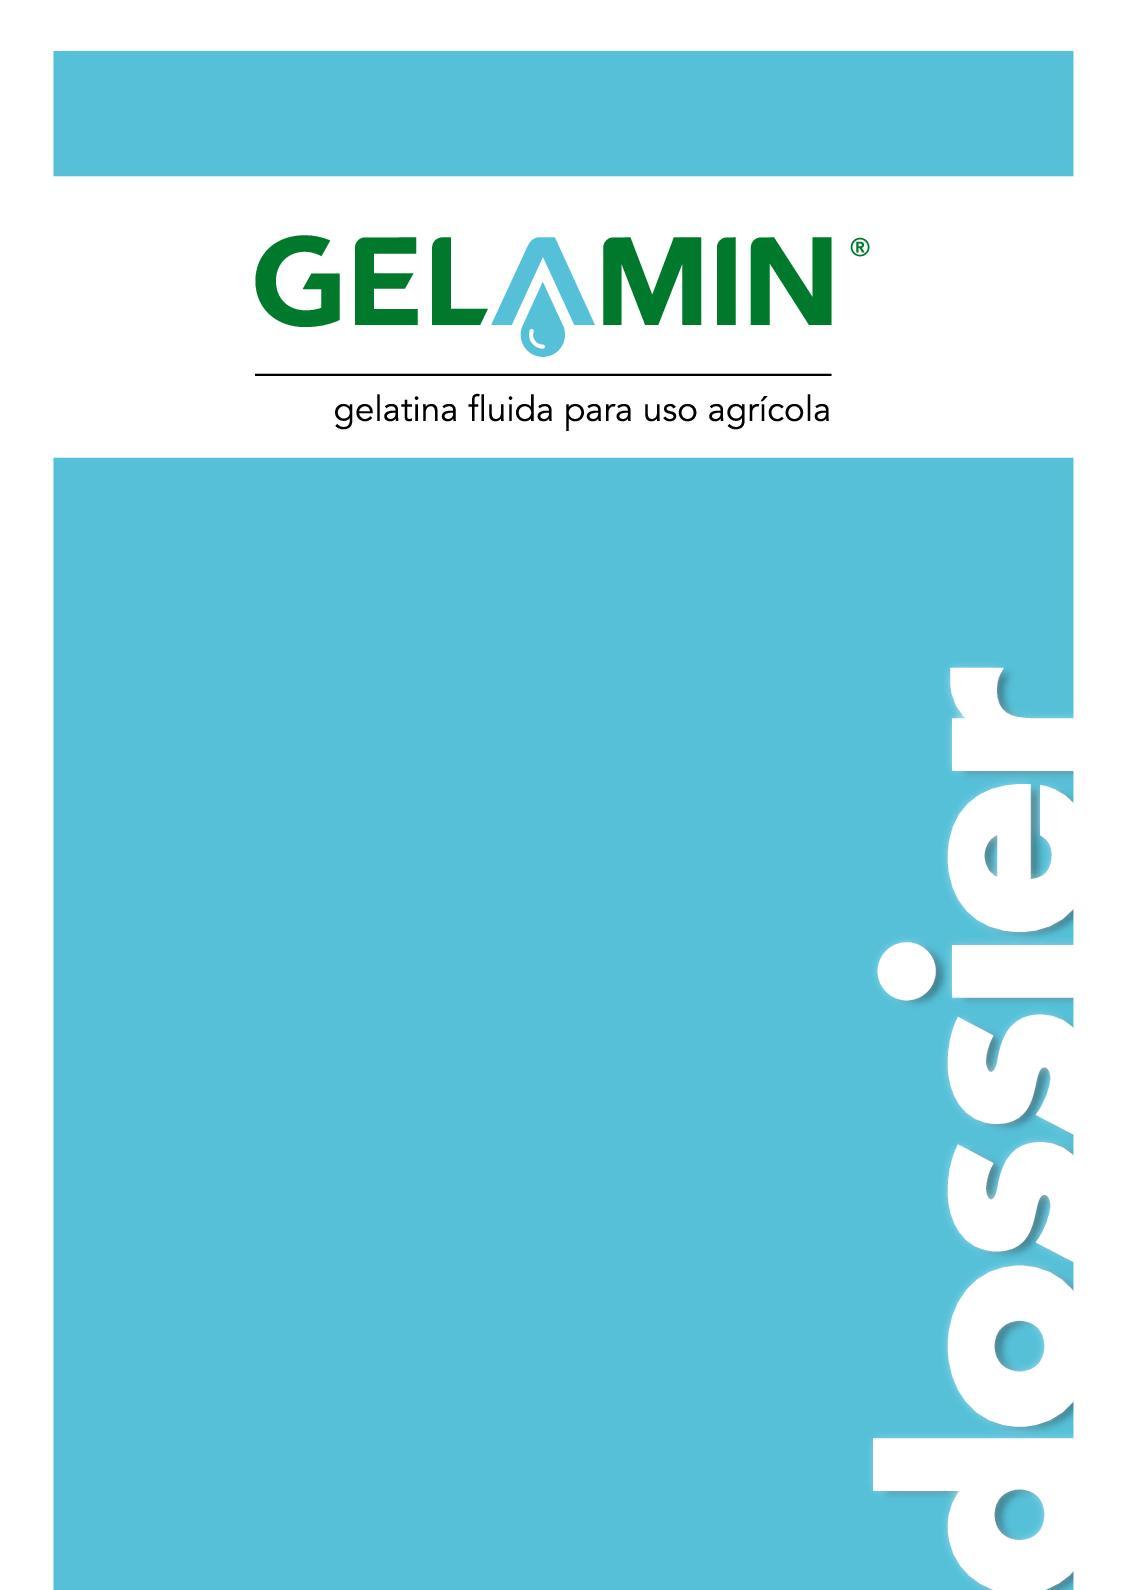 Dossier Gelamin Esp